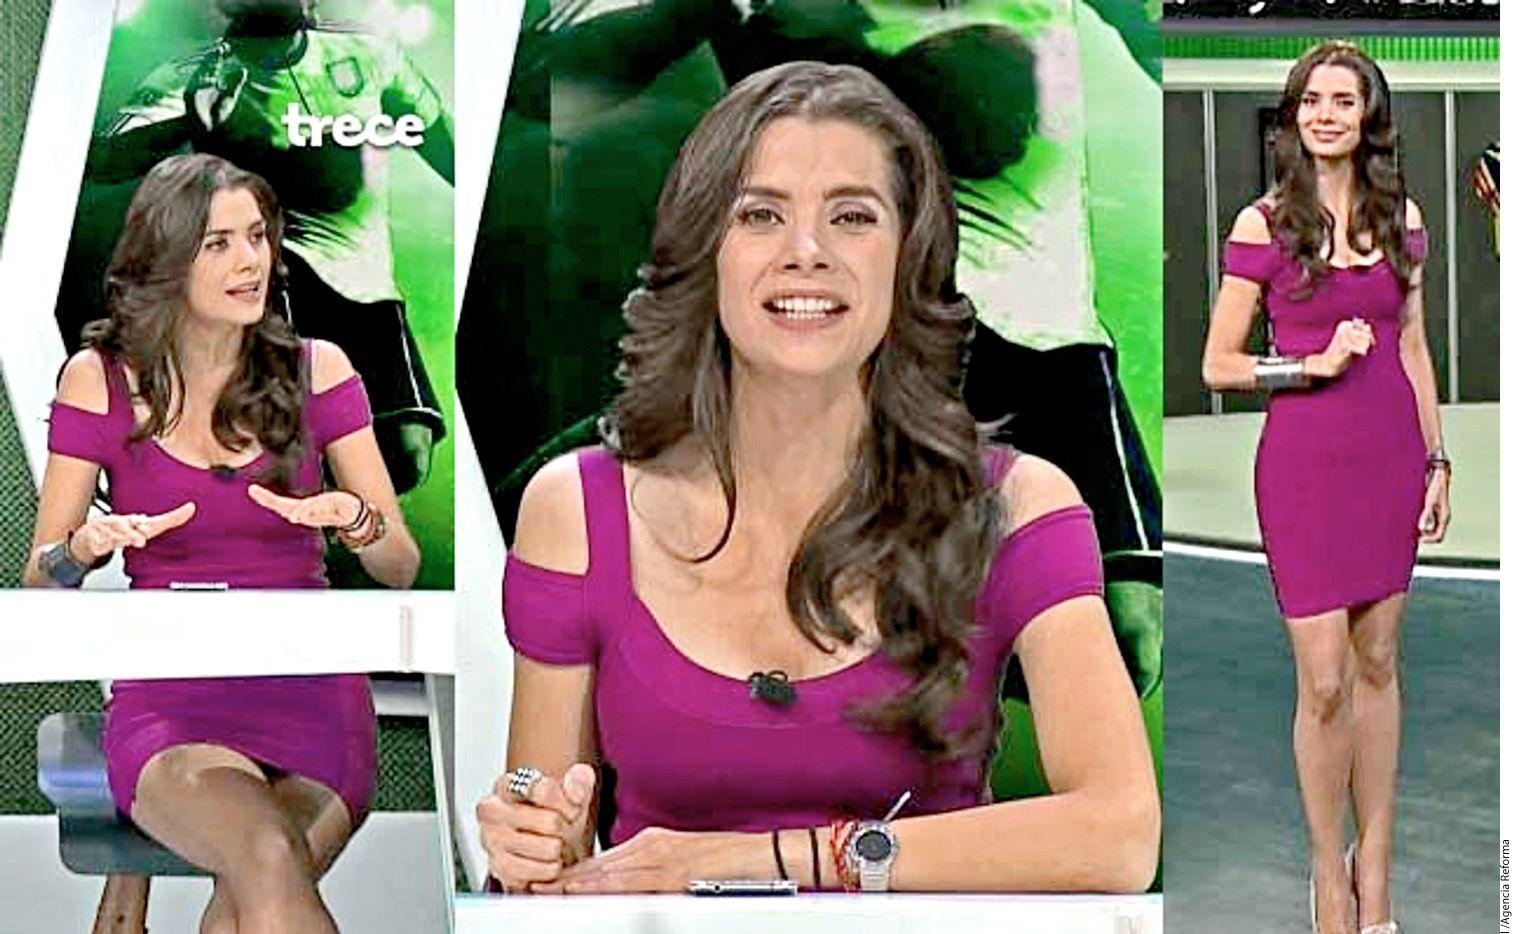 Rebeka Zebrekos asegura que en TV Azteca no la dejaban hablar de temas deportivos, sino solo leer  tuits y hablar sobre el físico de los jugadores. AGENCIA REFORMA